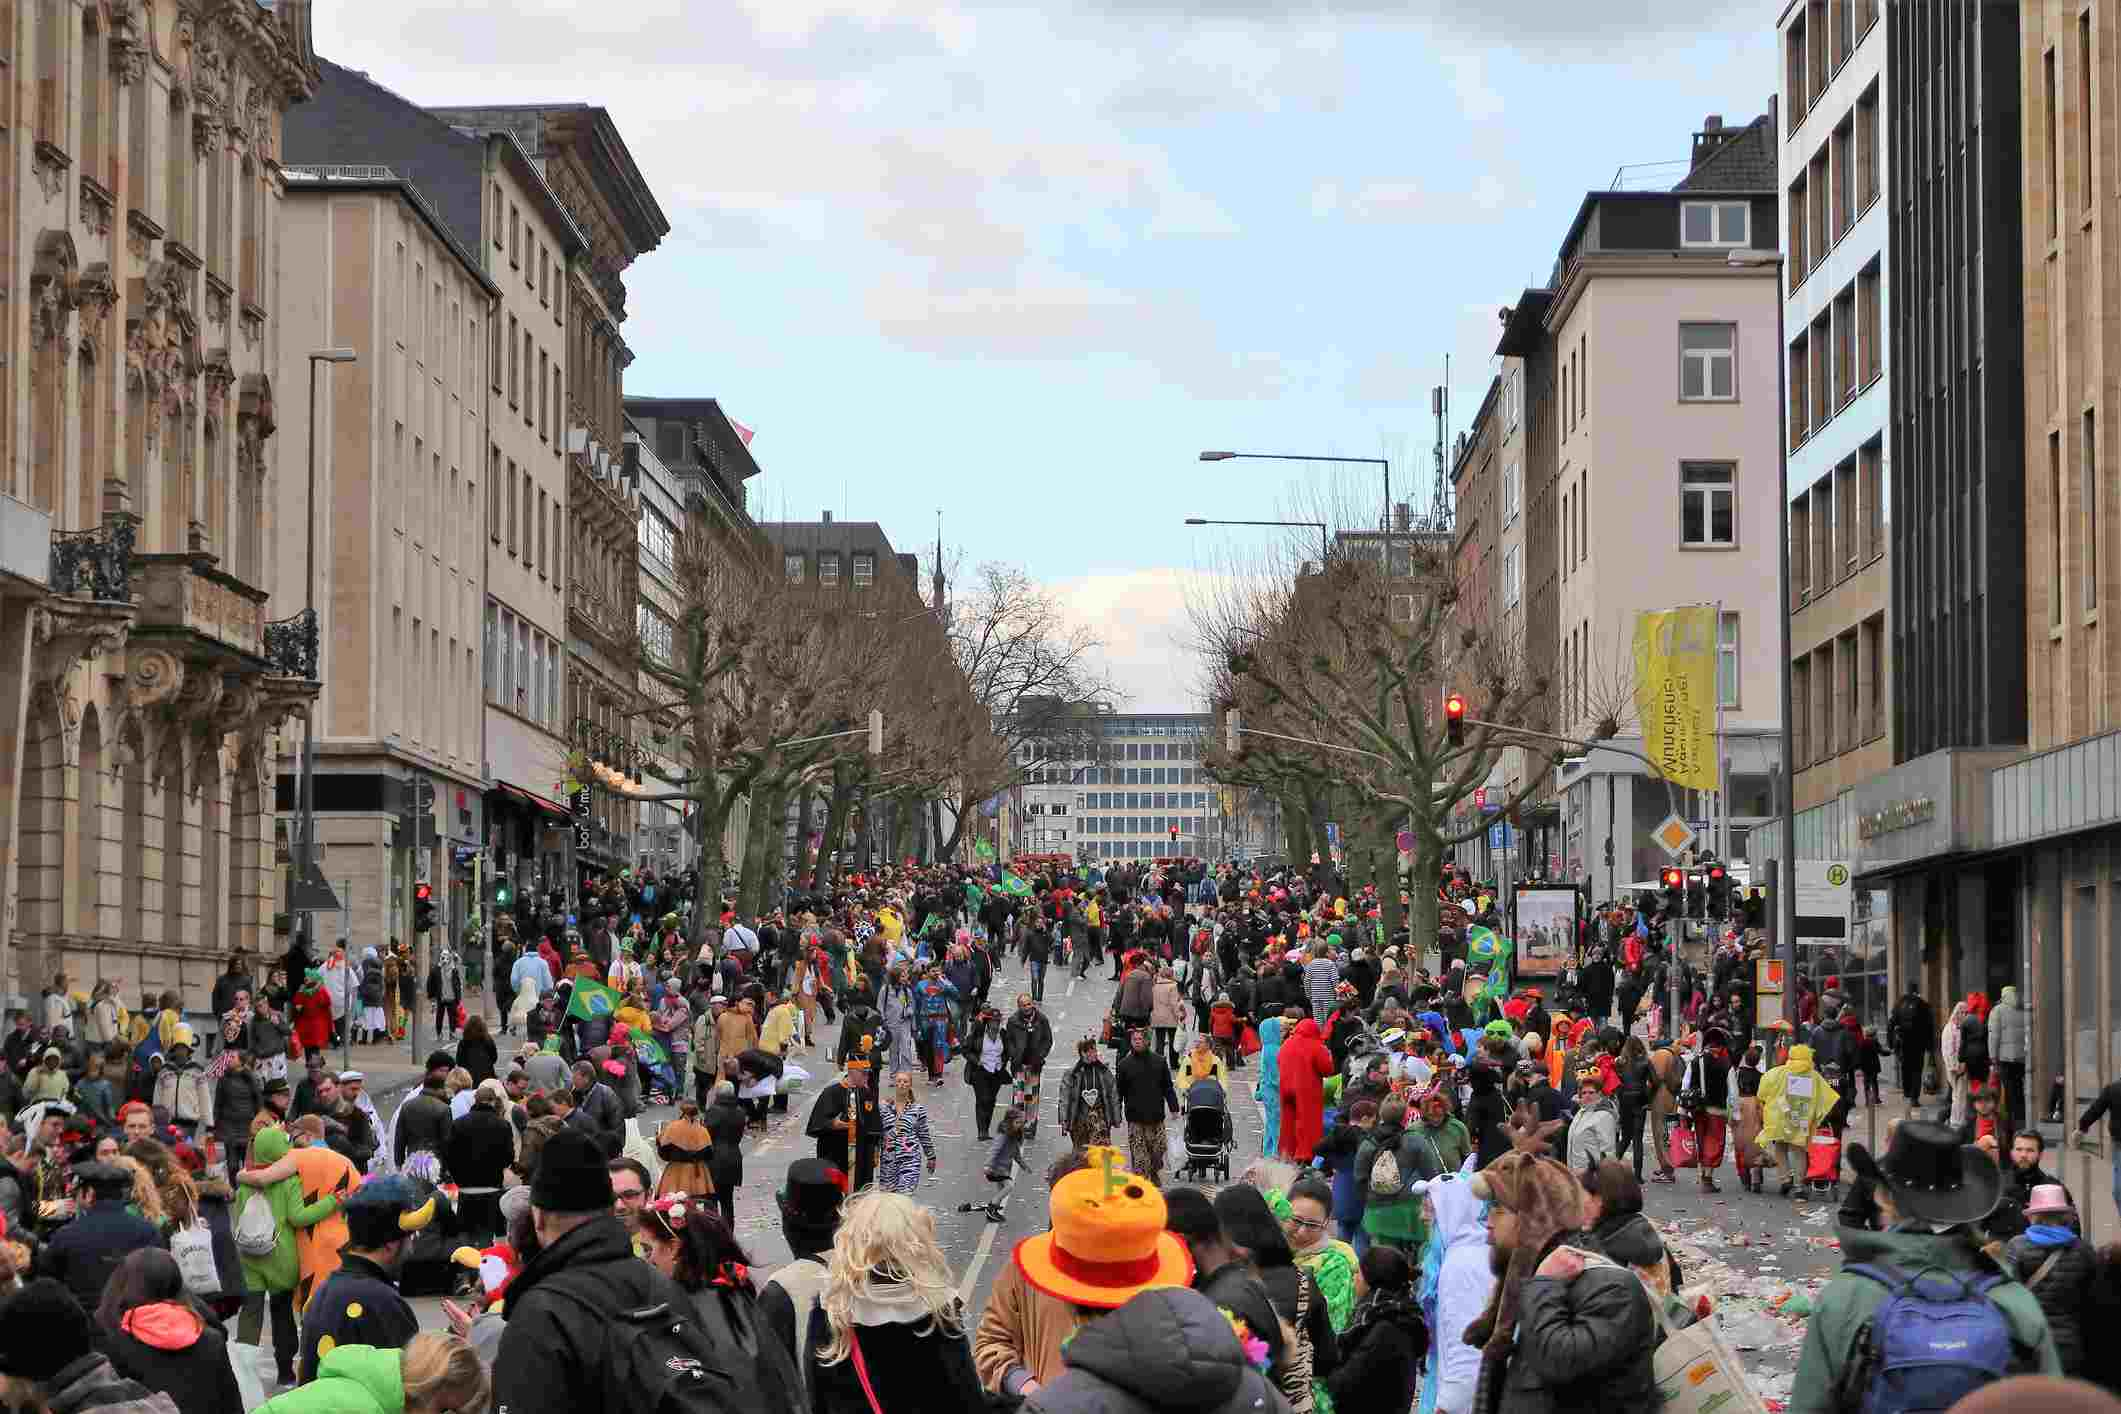 Aachen carnival